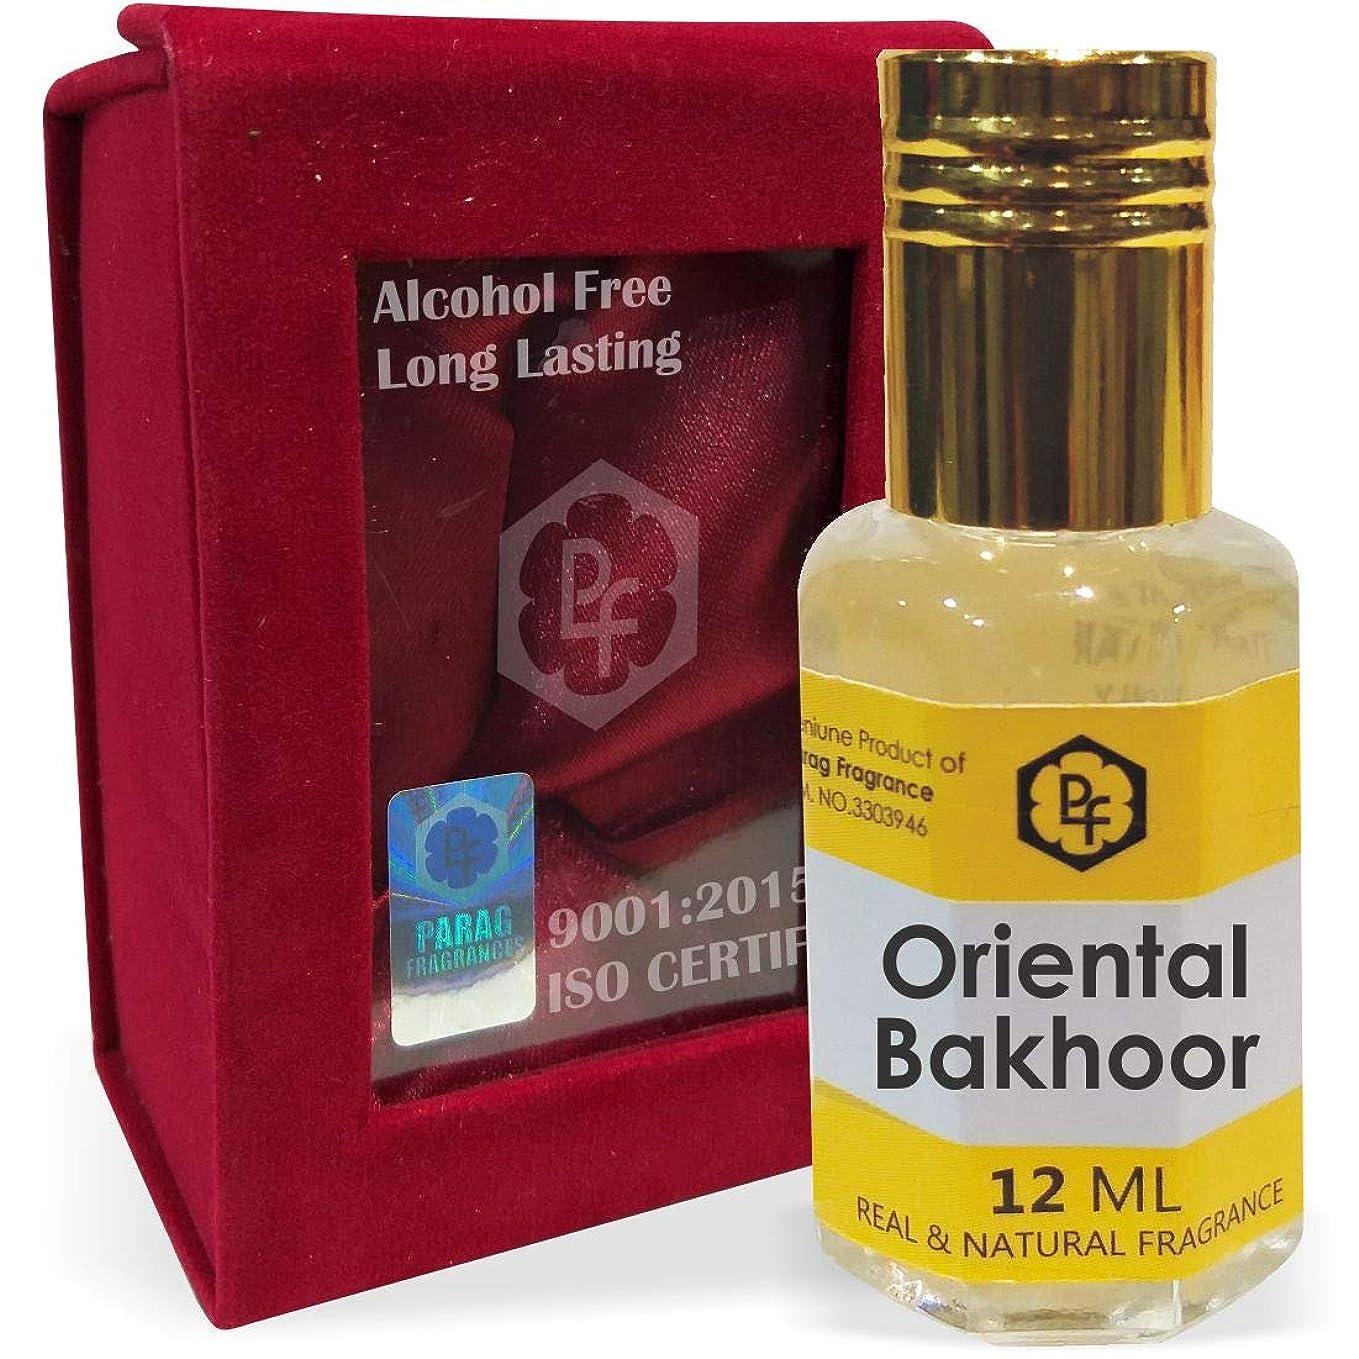 インデックス起きるに対してParagフレグランスオリエンタル手作りベルベットボックスBakhoor 12ミリリットルアター/香水(インドの伝統的なBhapka処理方法により、インド製)オイル/フレグランスオイル|長持ちアターITRA最高の品質